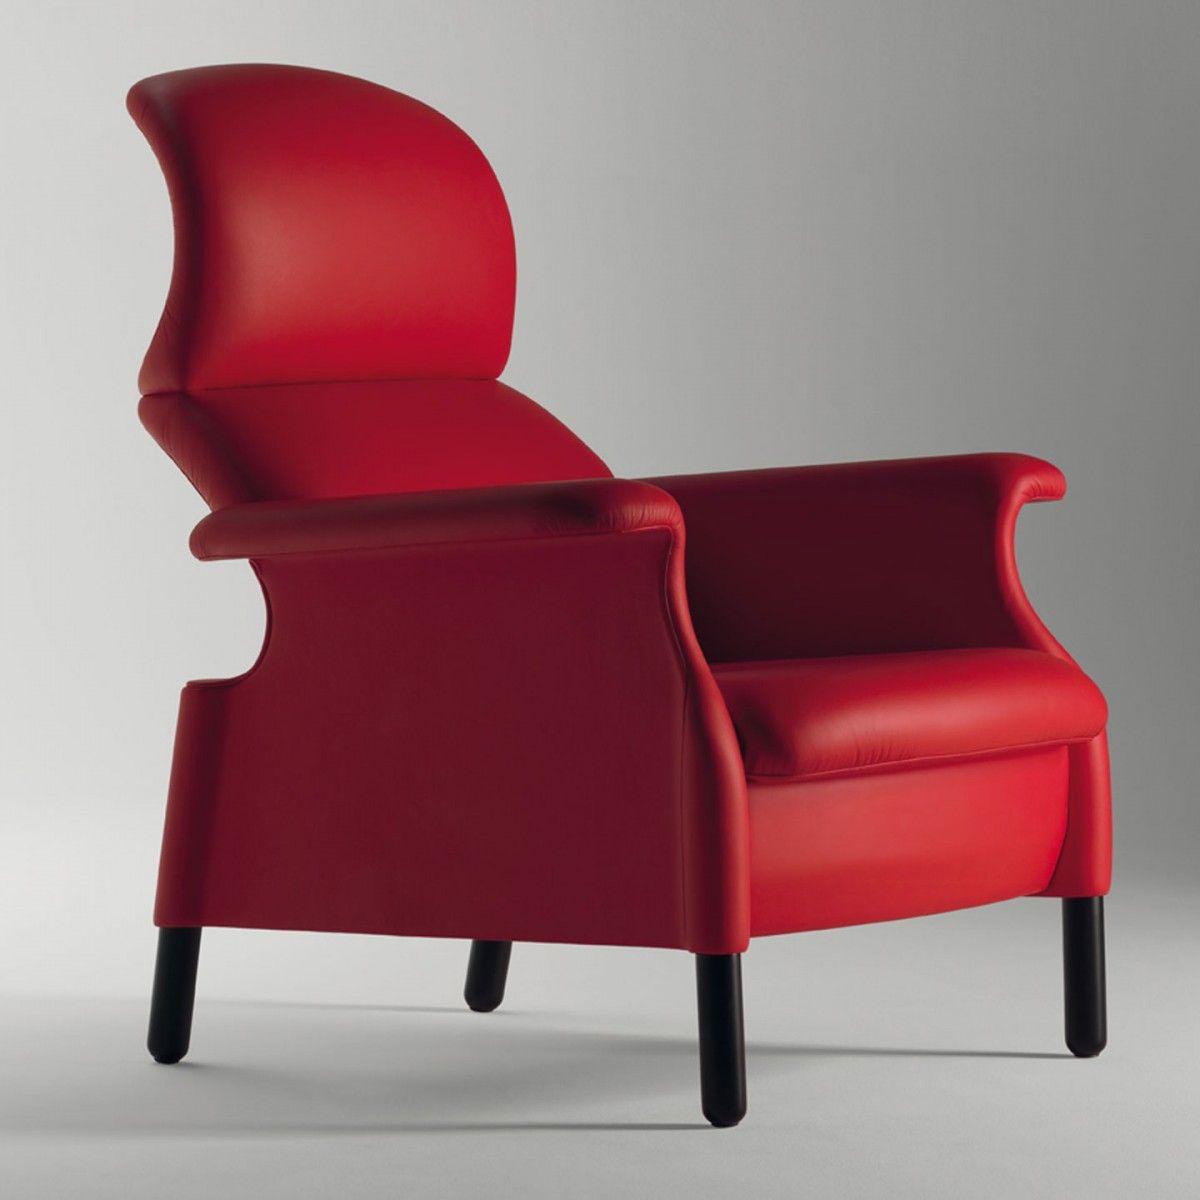 Sanluca Poltrona Frau.Sanluca Armchair Zhenshi Armchair Chair Furniture Design